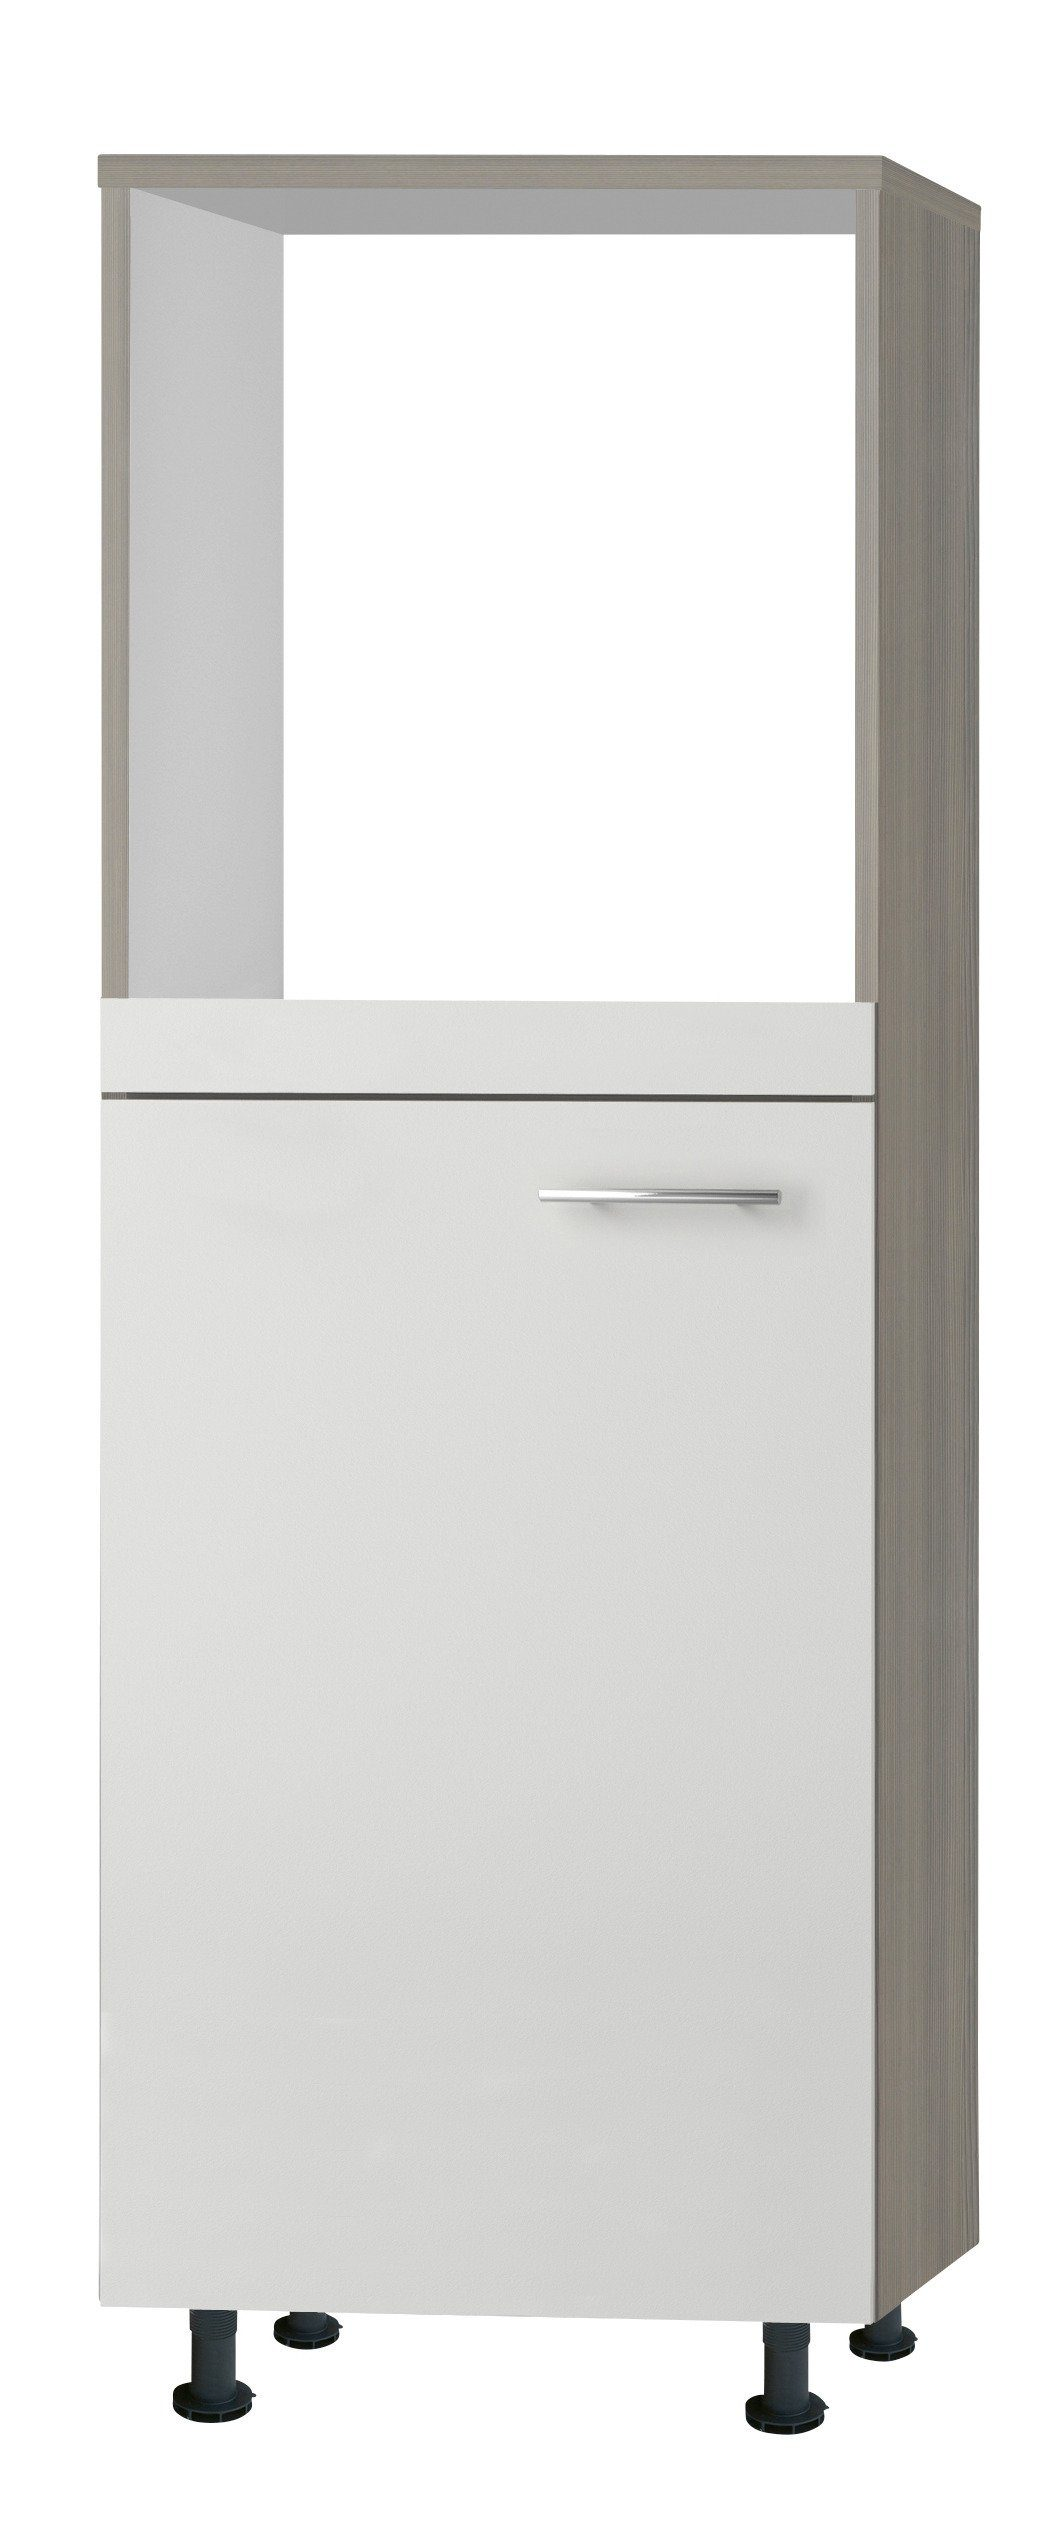 Kombinierter Backofen-Kühlumbauschrank »Torger, Höhe 170 cm«